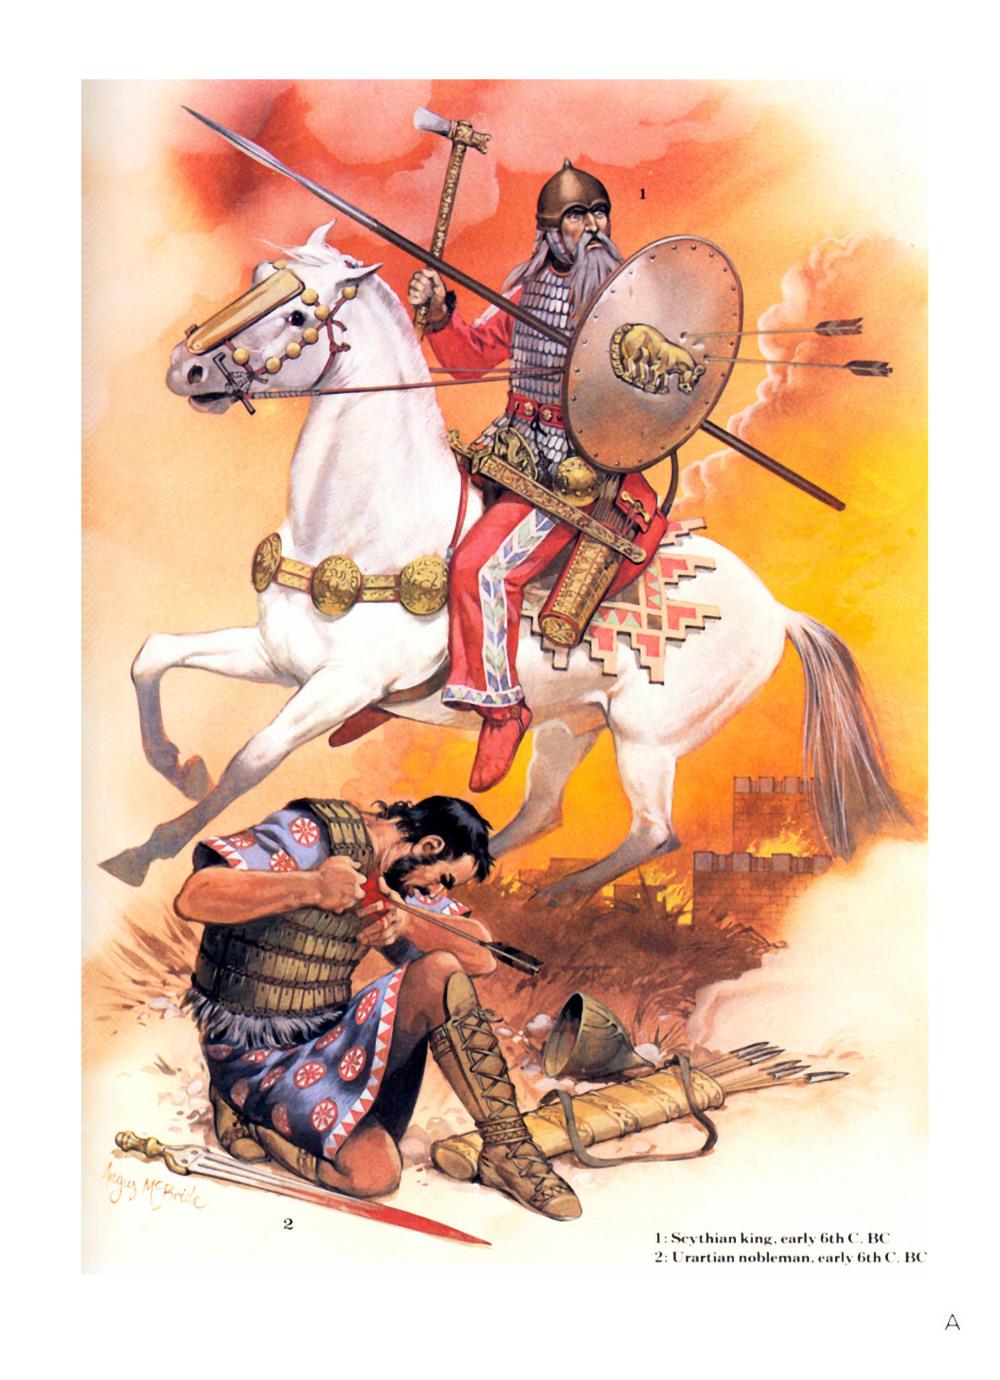 早期的斯基泰骑兵,他戴着的就是库班式头盔